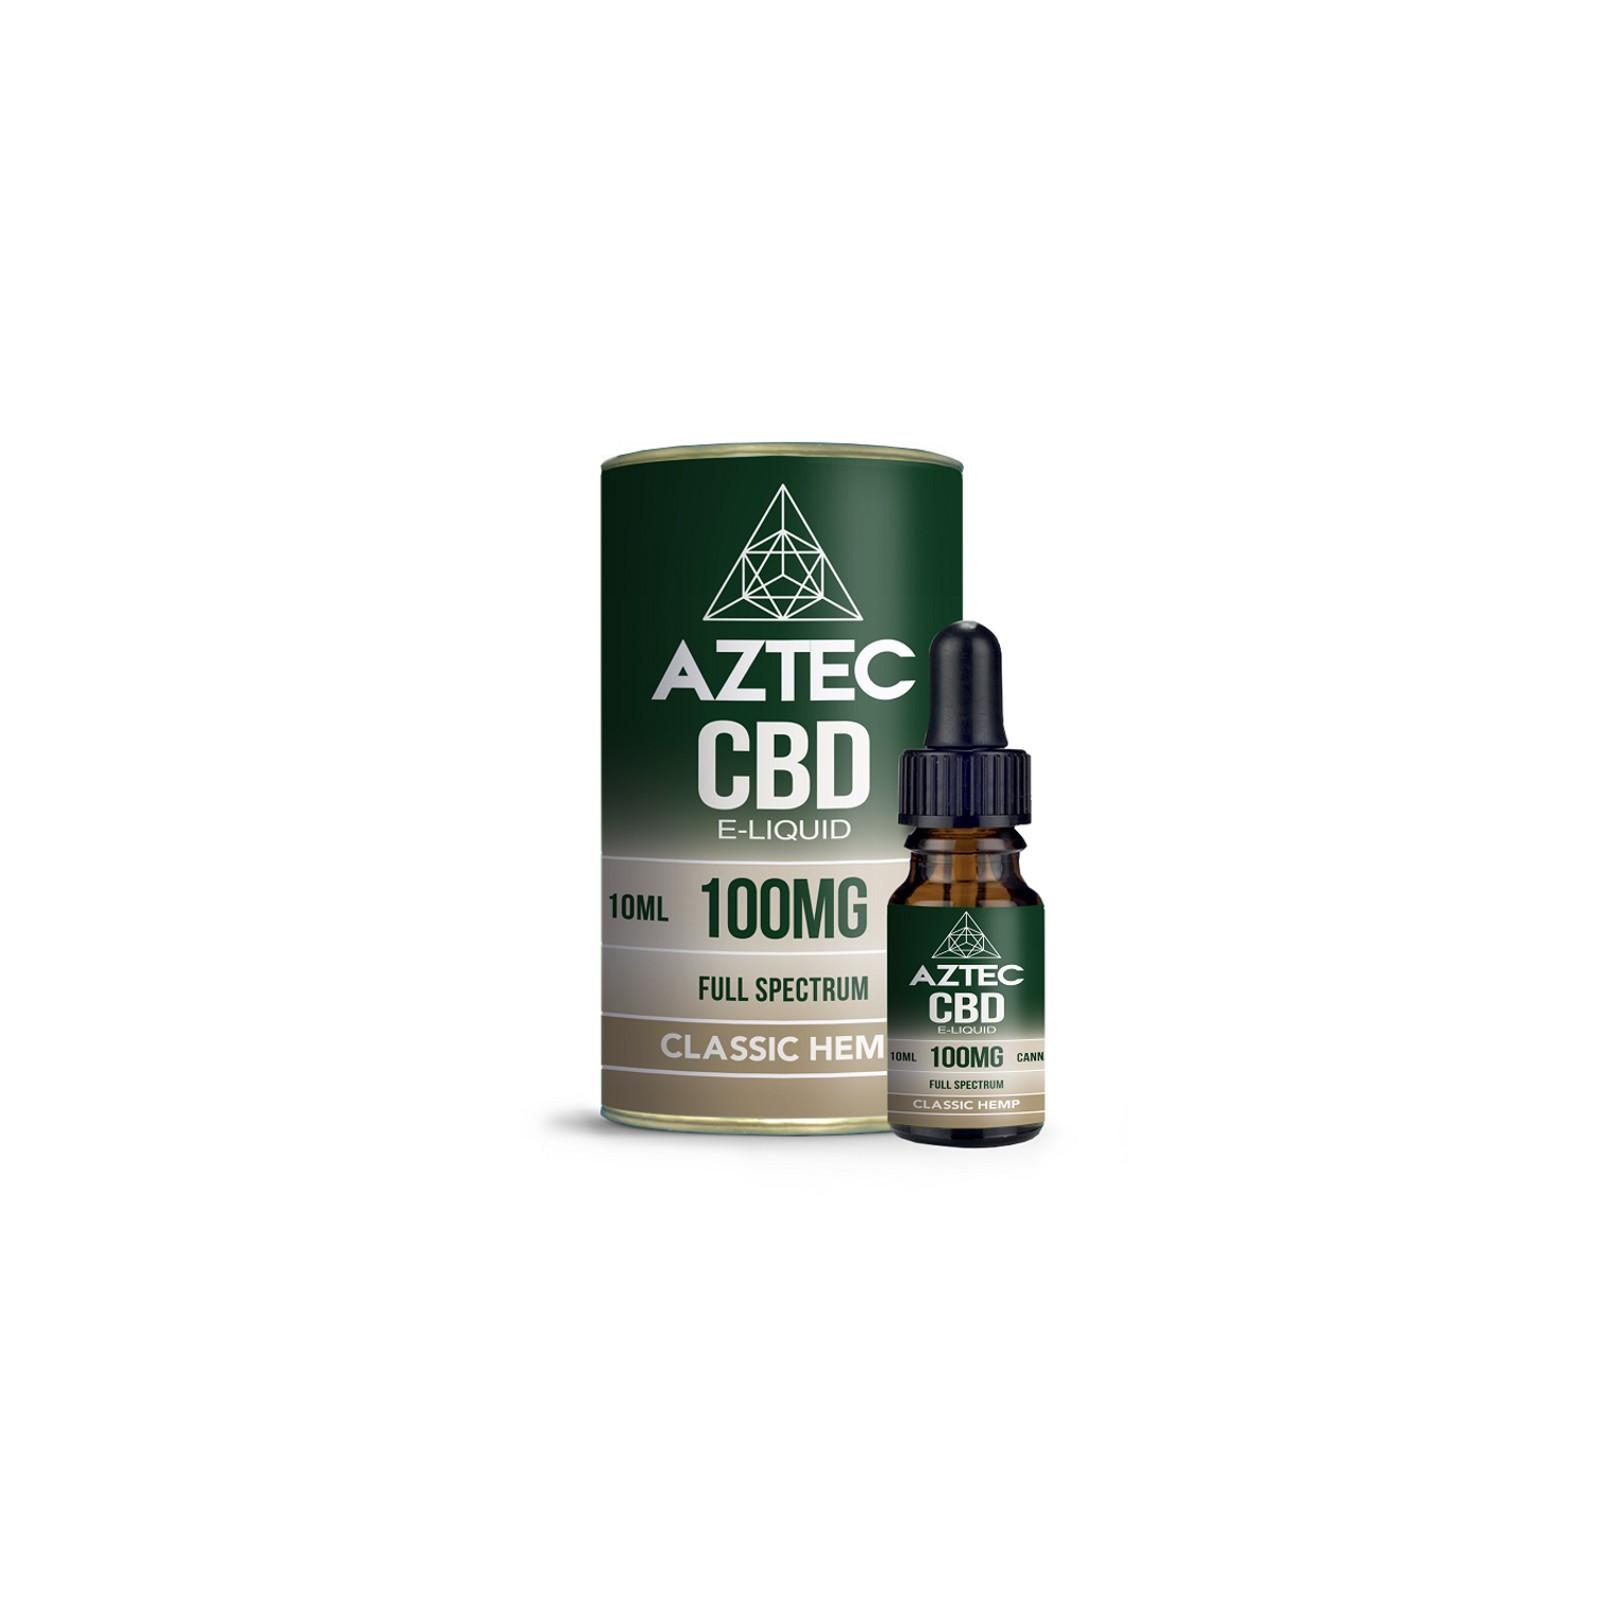 Classic Hemp Aztec CBD Full Spectrum